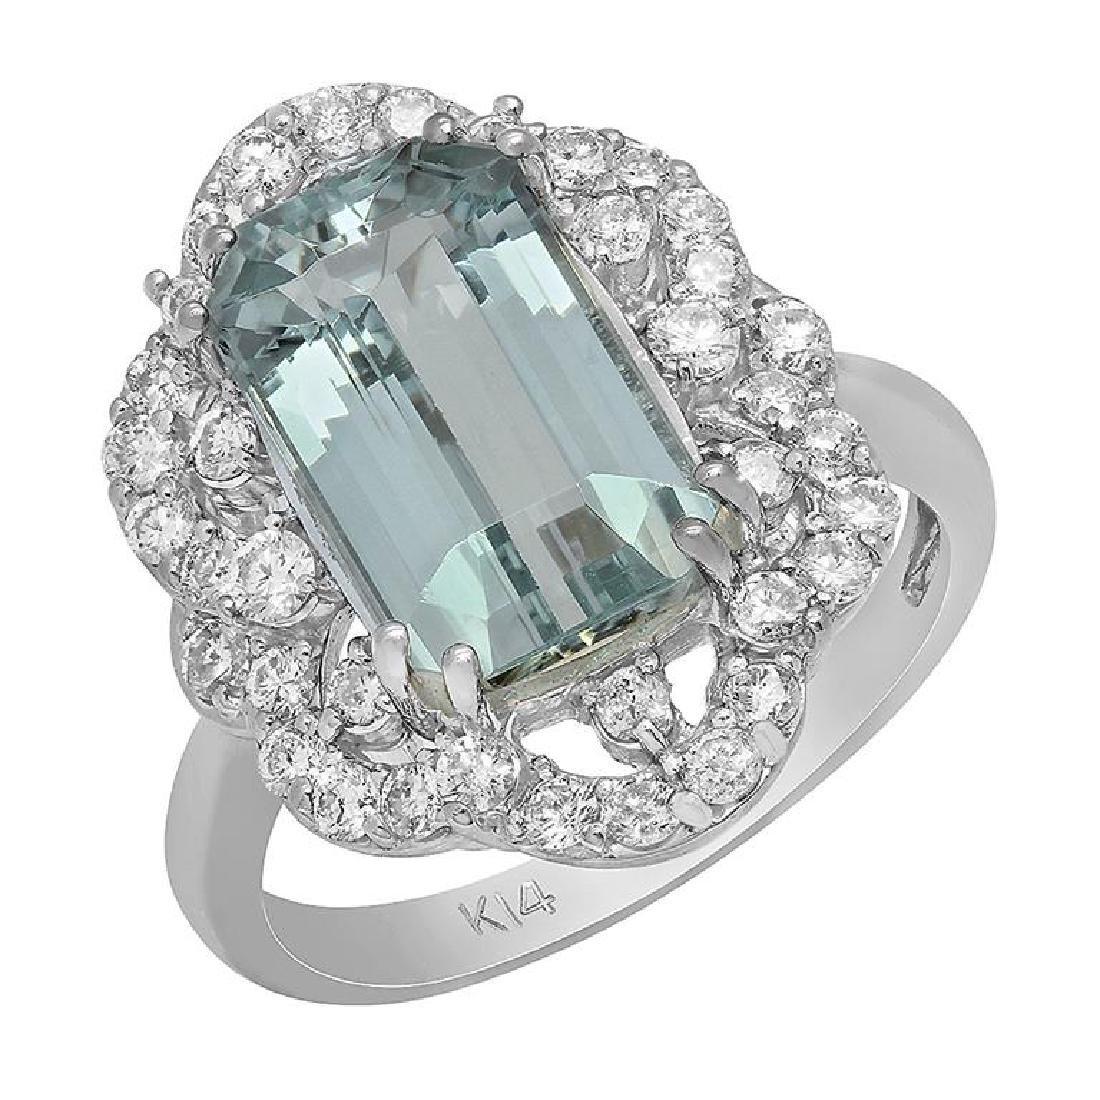 14k White Gold 4.09ct Aquamarine 0.79ct Diamond Ring